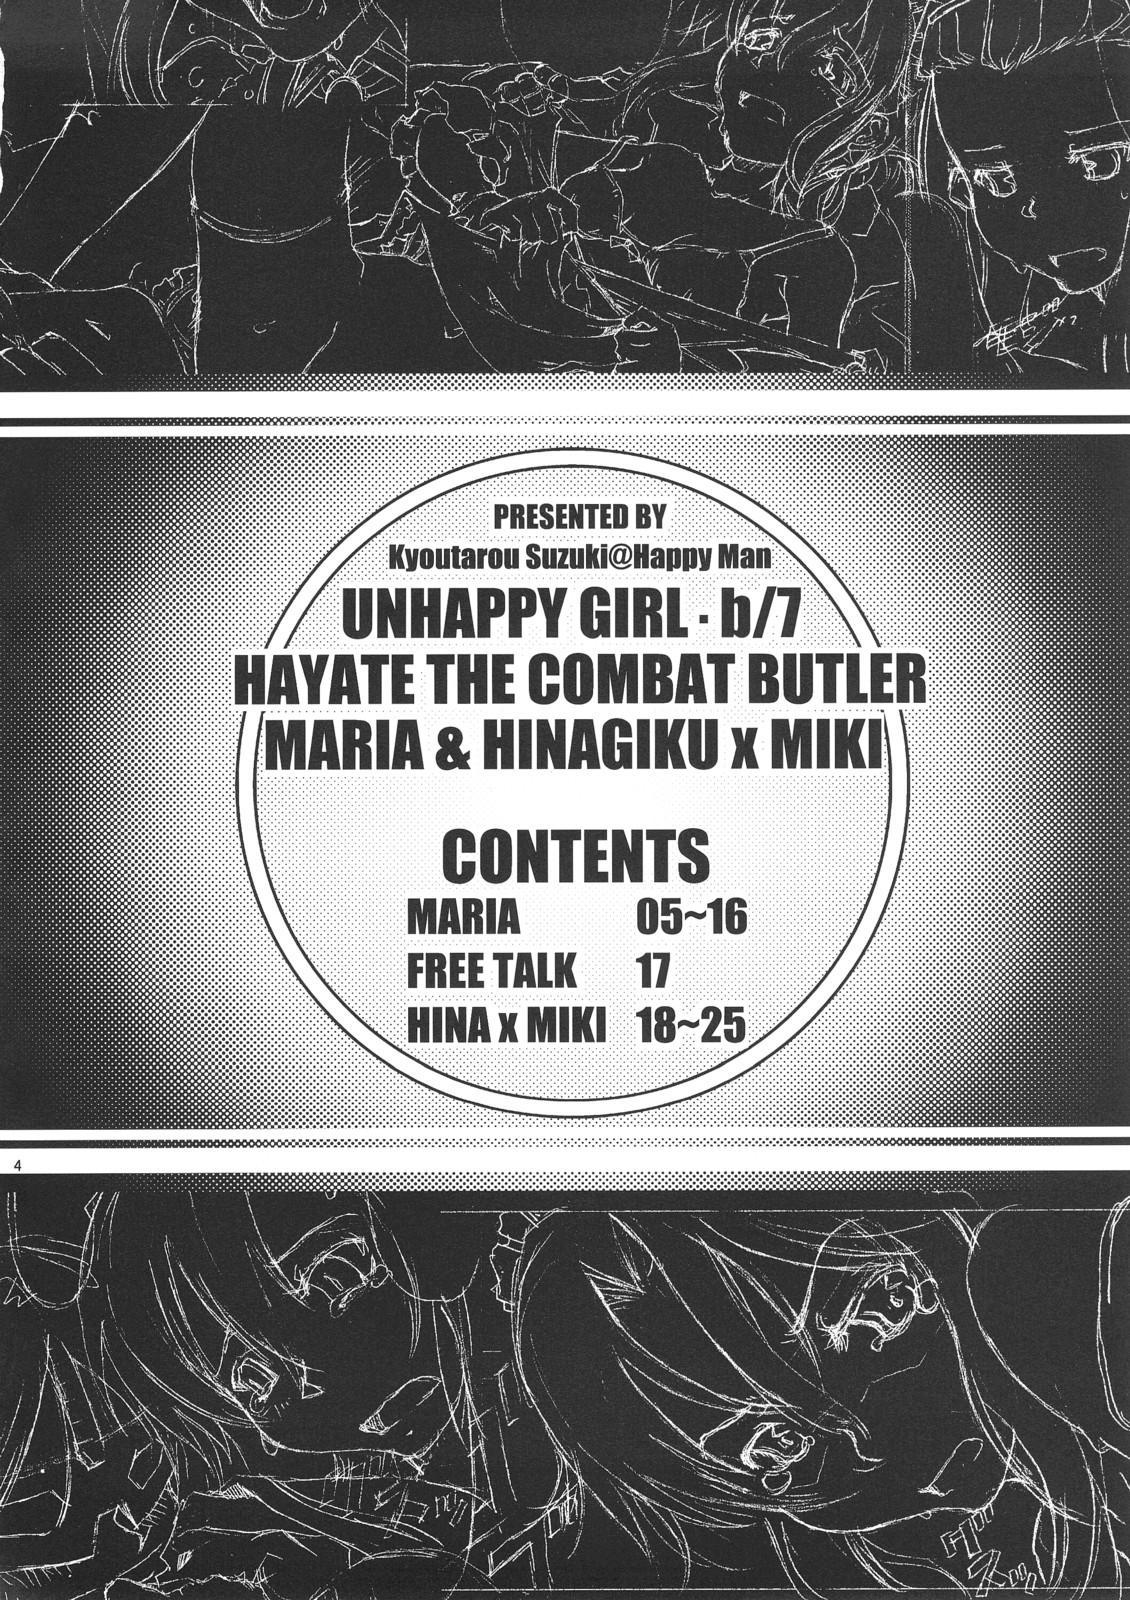 Unhappy Girl b/7 2